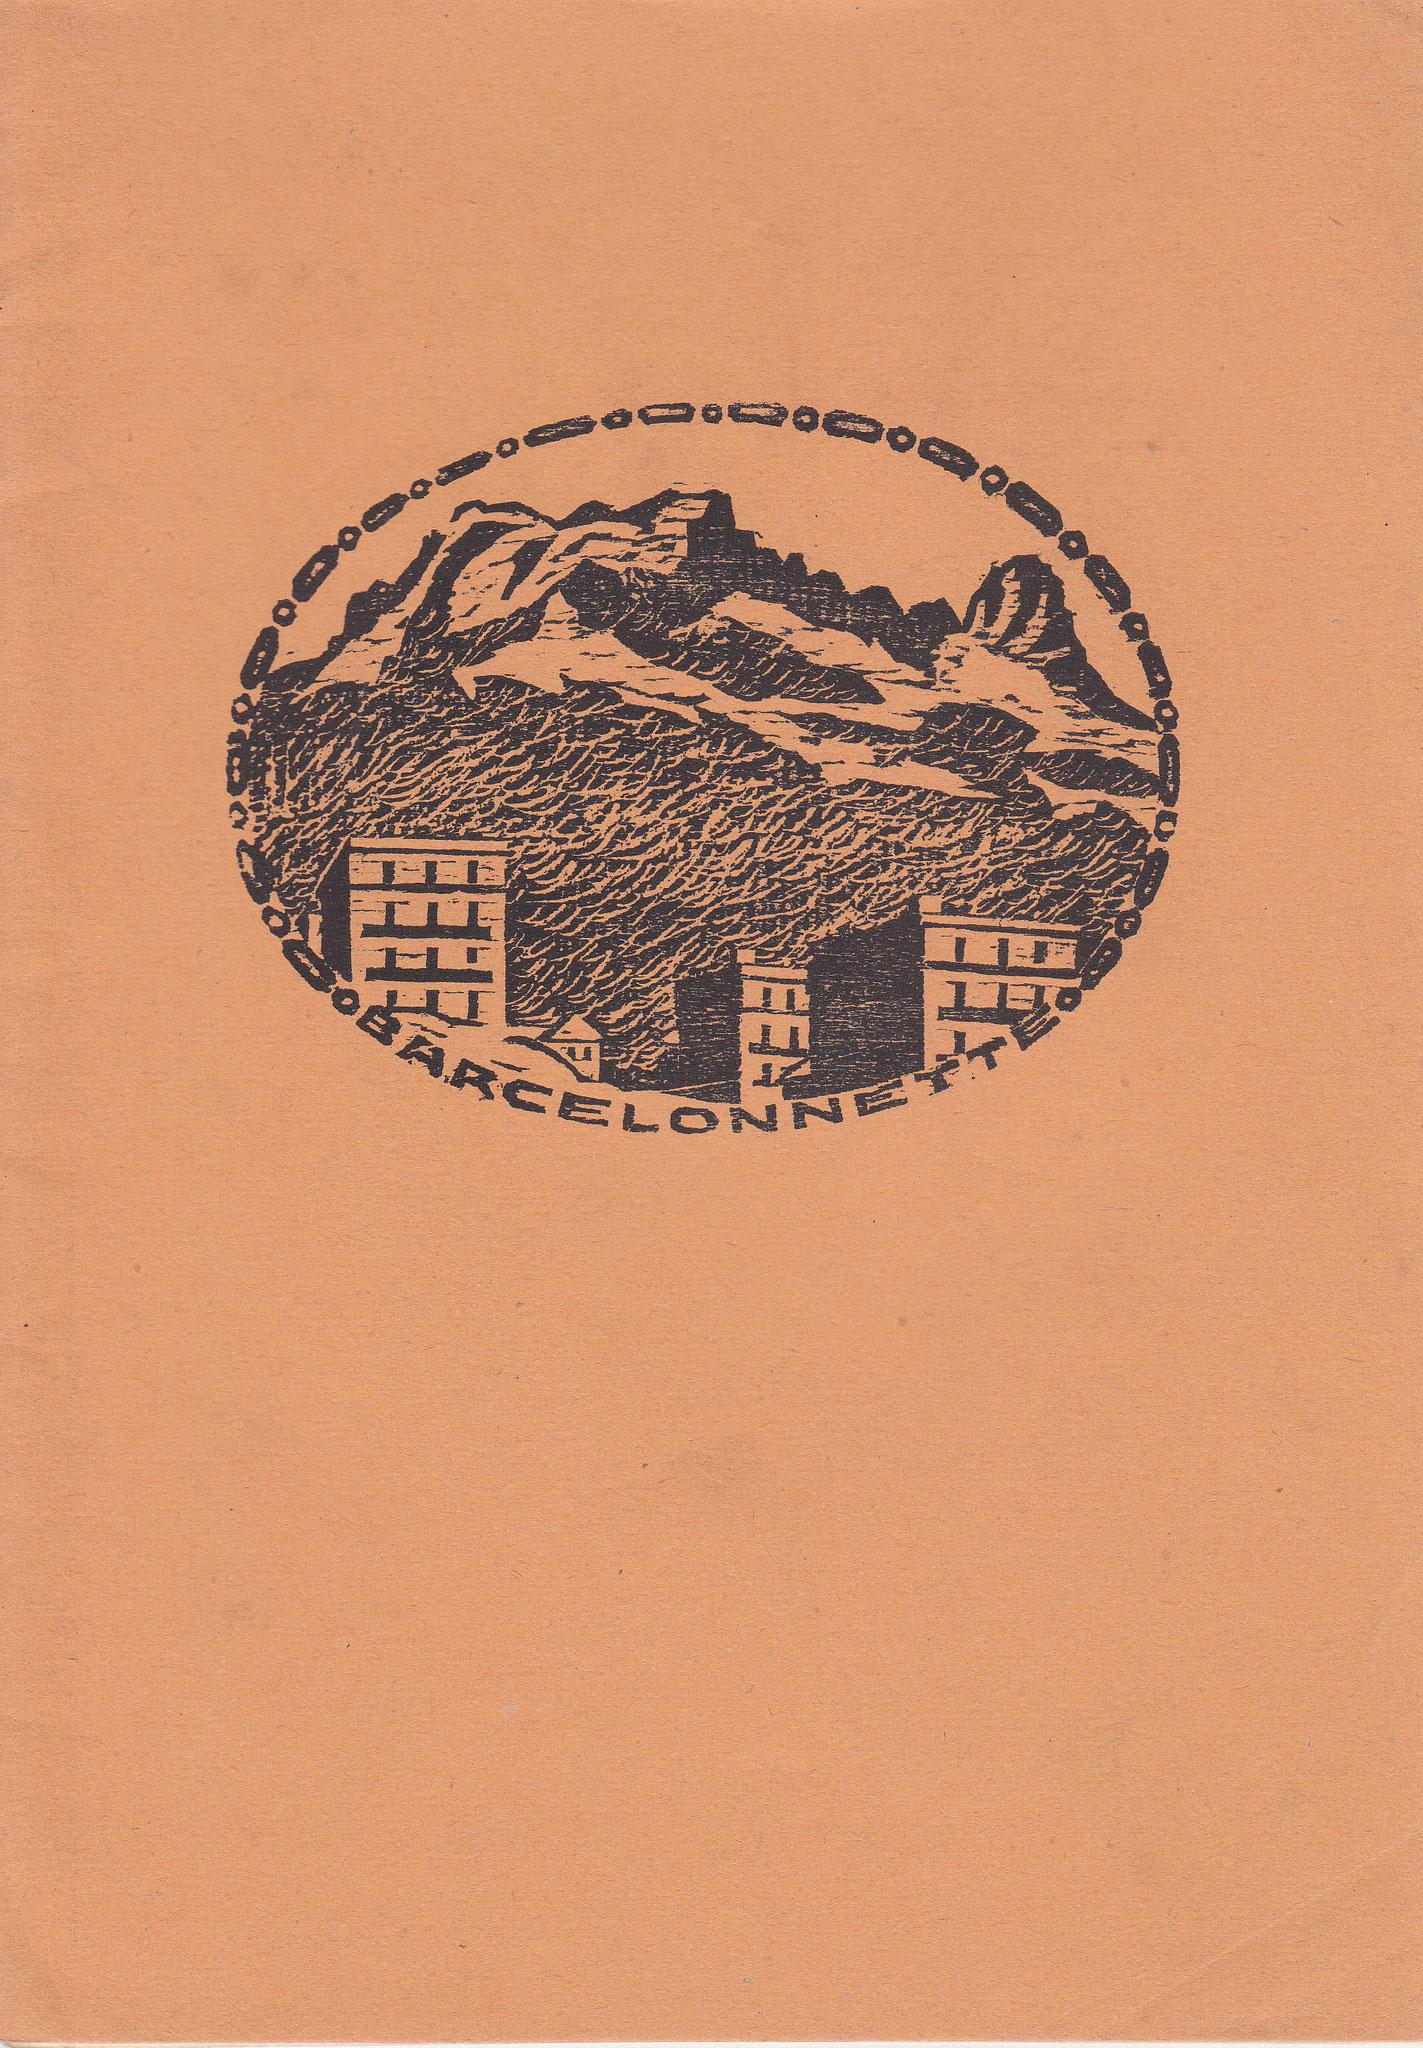 Umschlagsmappe für die Linolschnitt- bzw. Holzschnitt-Sammlung von R. Blumenschein